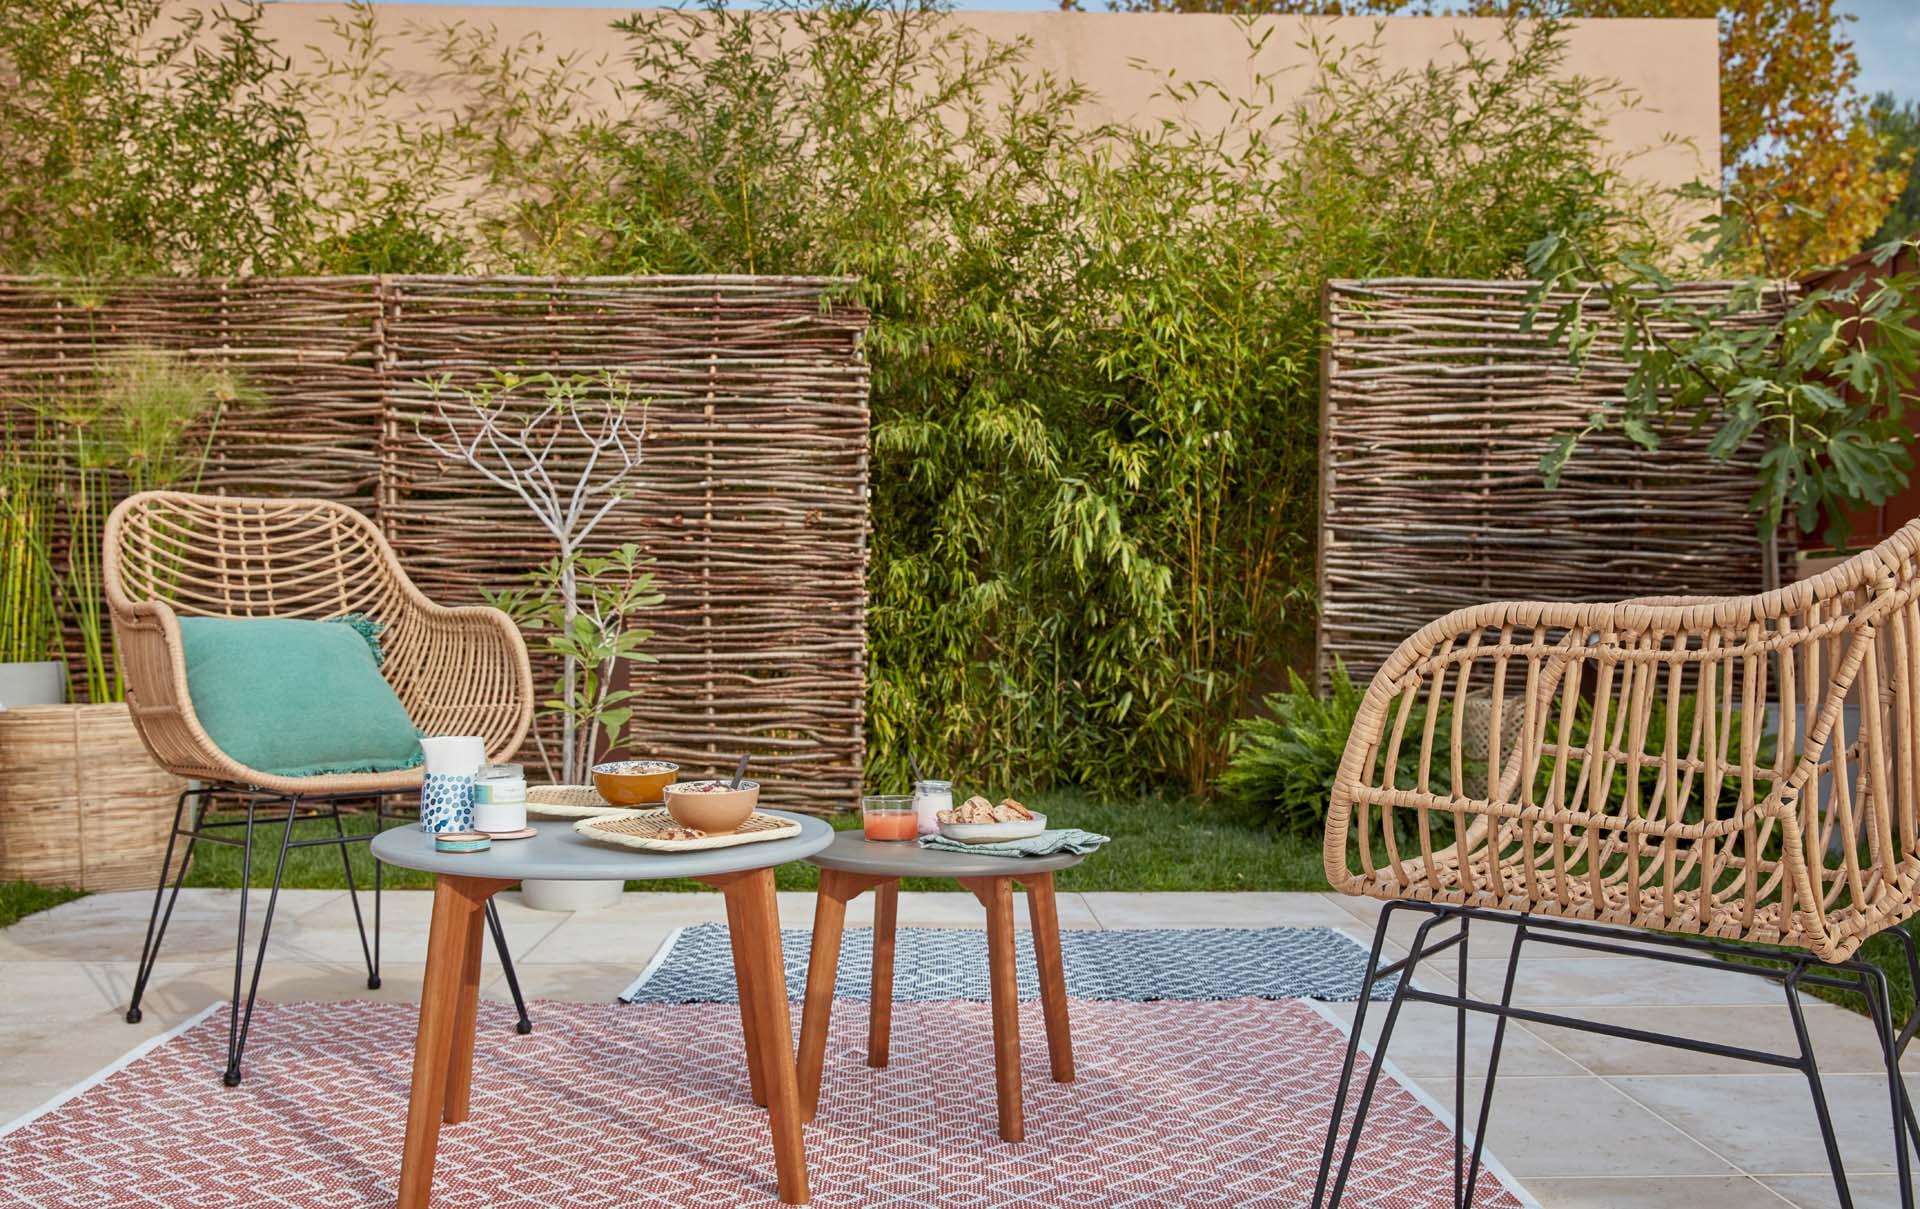 Choisir Et Installer Une Clôture Jardin Bois concernant Leroy Merlin Jardin Cloture